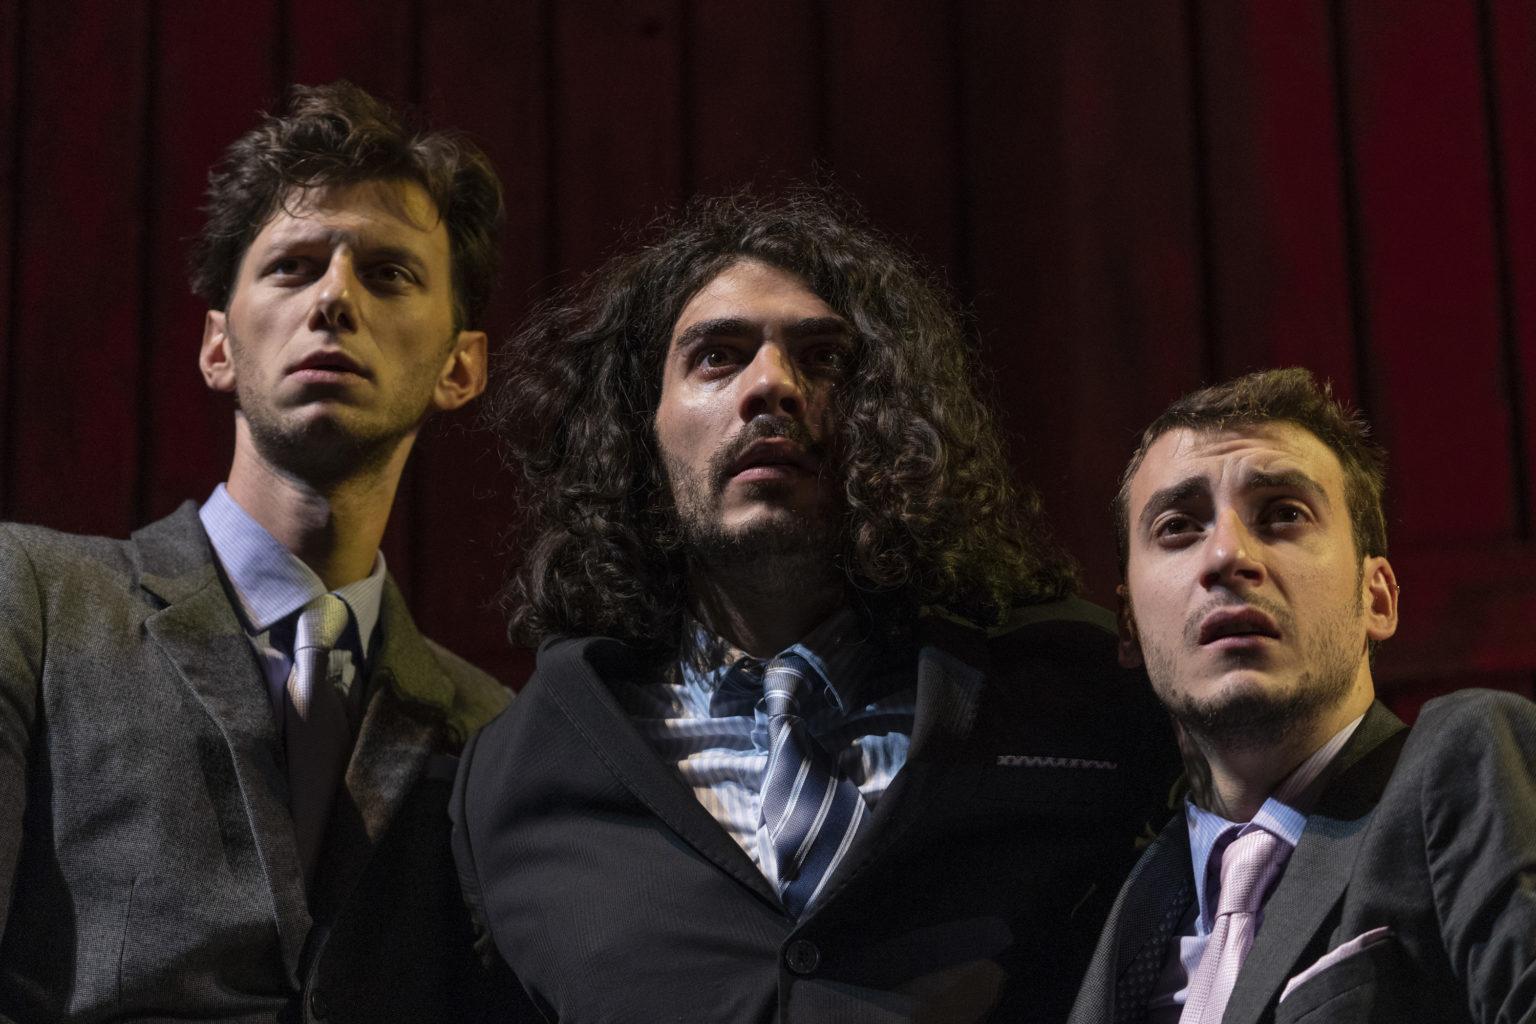 David Meden, Errico Liguori and Christian Di Filippo in The Revenger's Tragedy. Photo: Masiar Pasquali